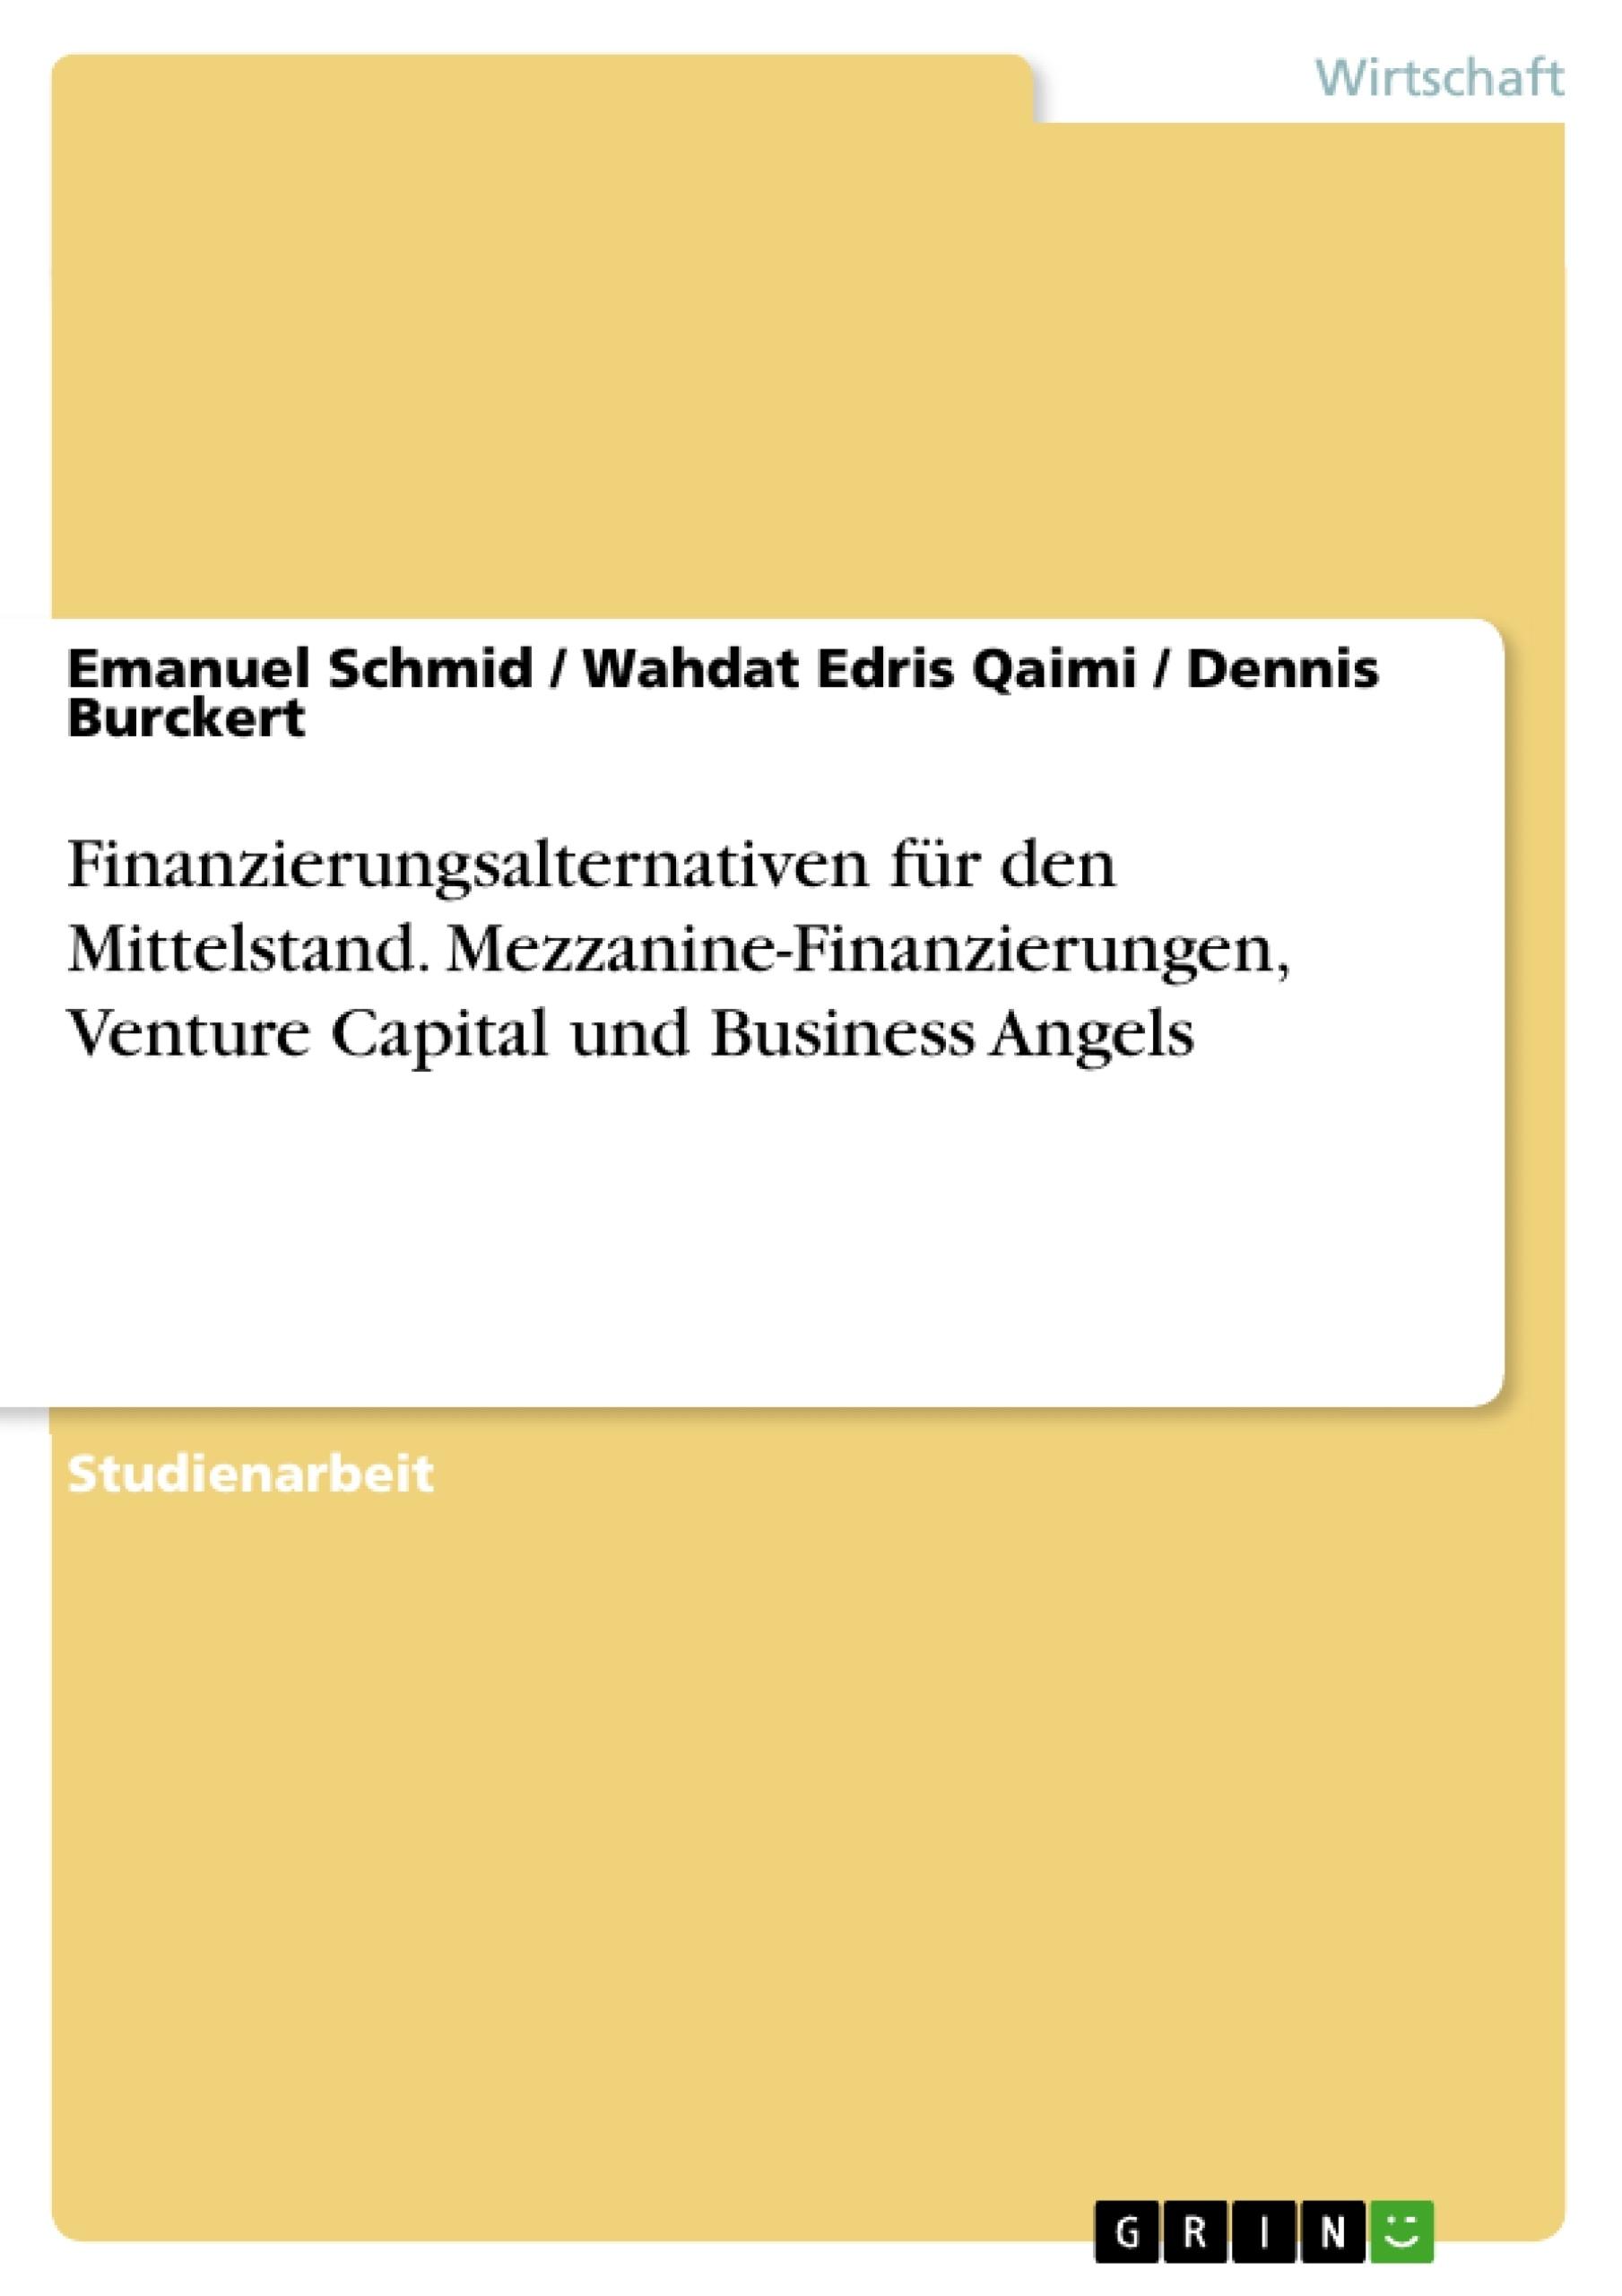 Titel: Finanzierungsalternativen für den Mittelstand. Mezzanine-Finanzierungen, Venture Capital und Business Angels